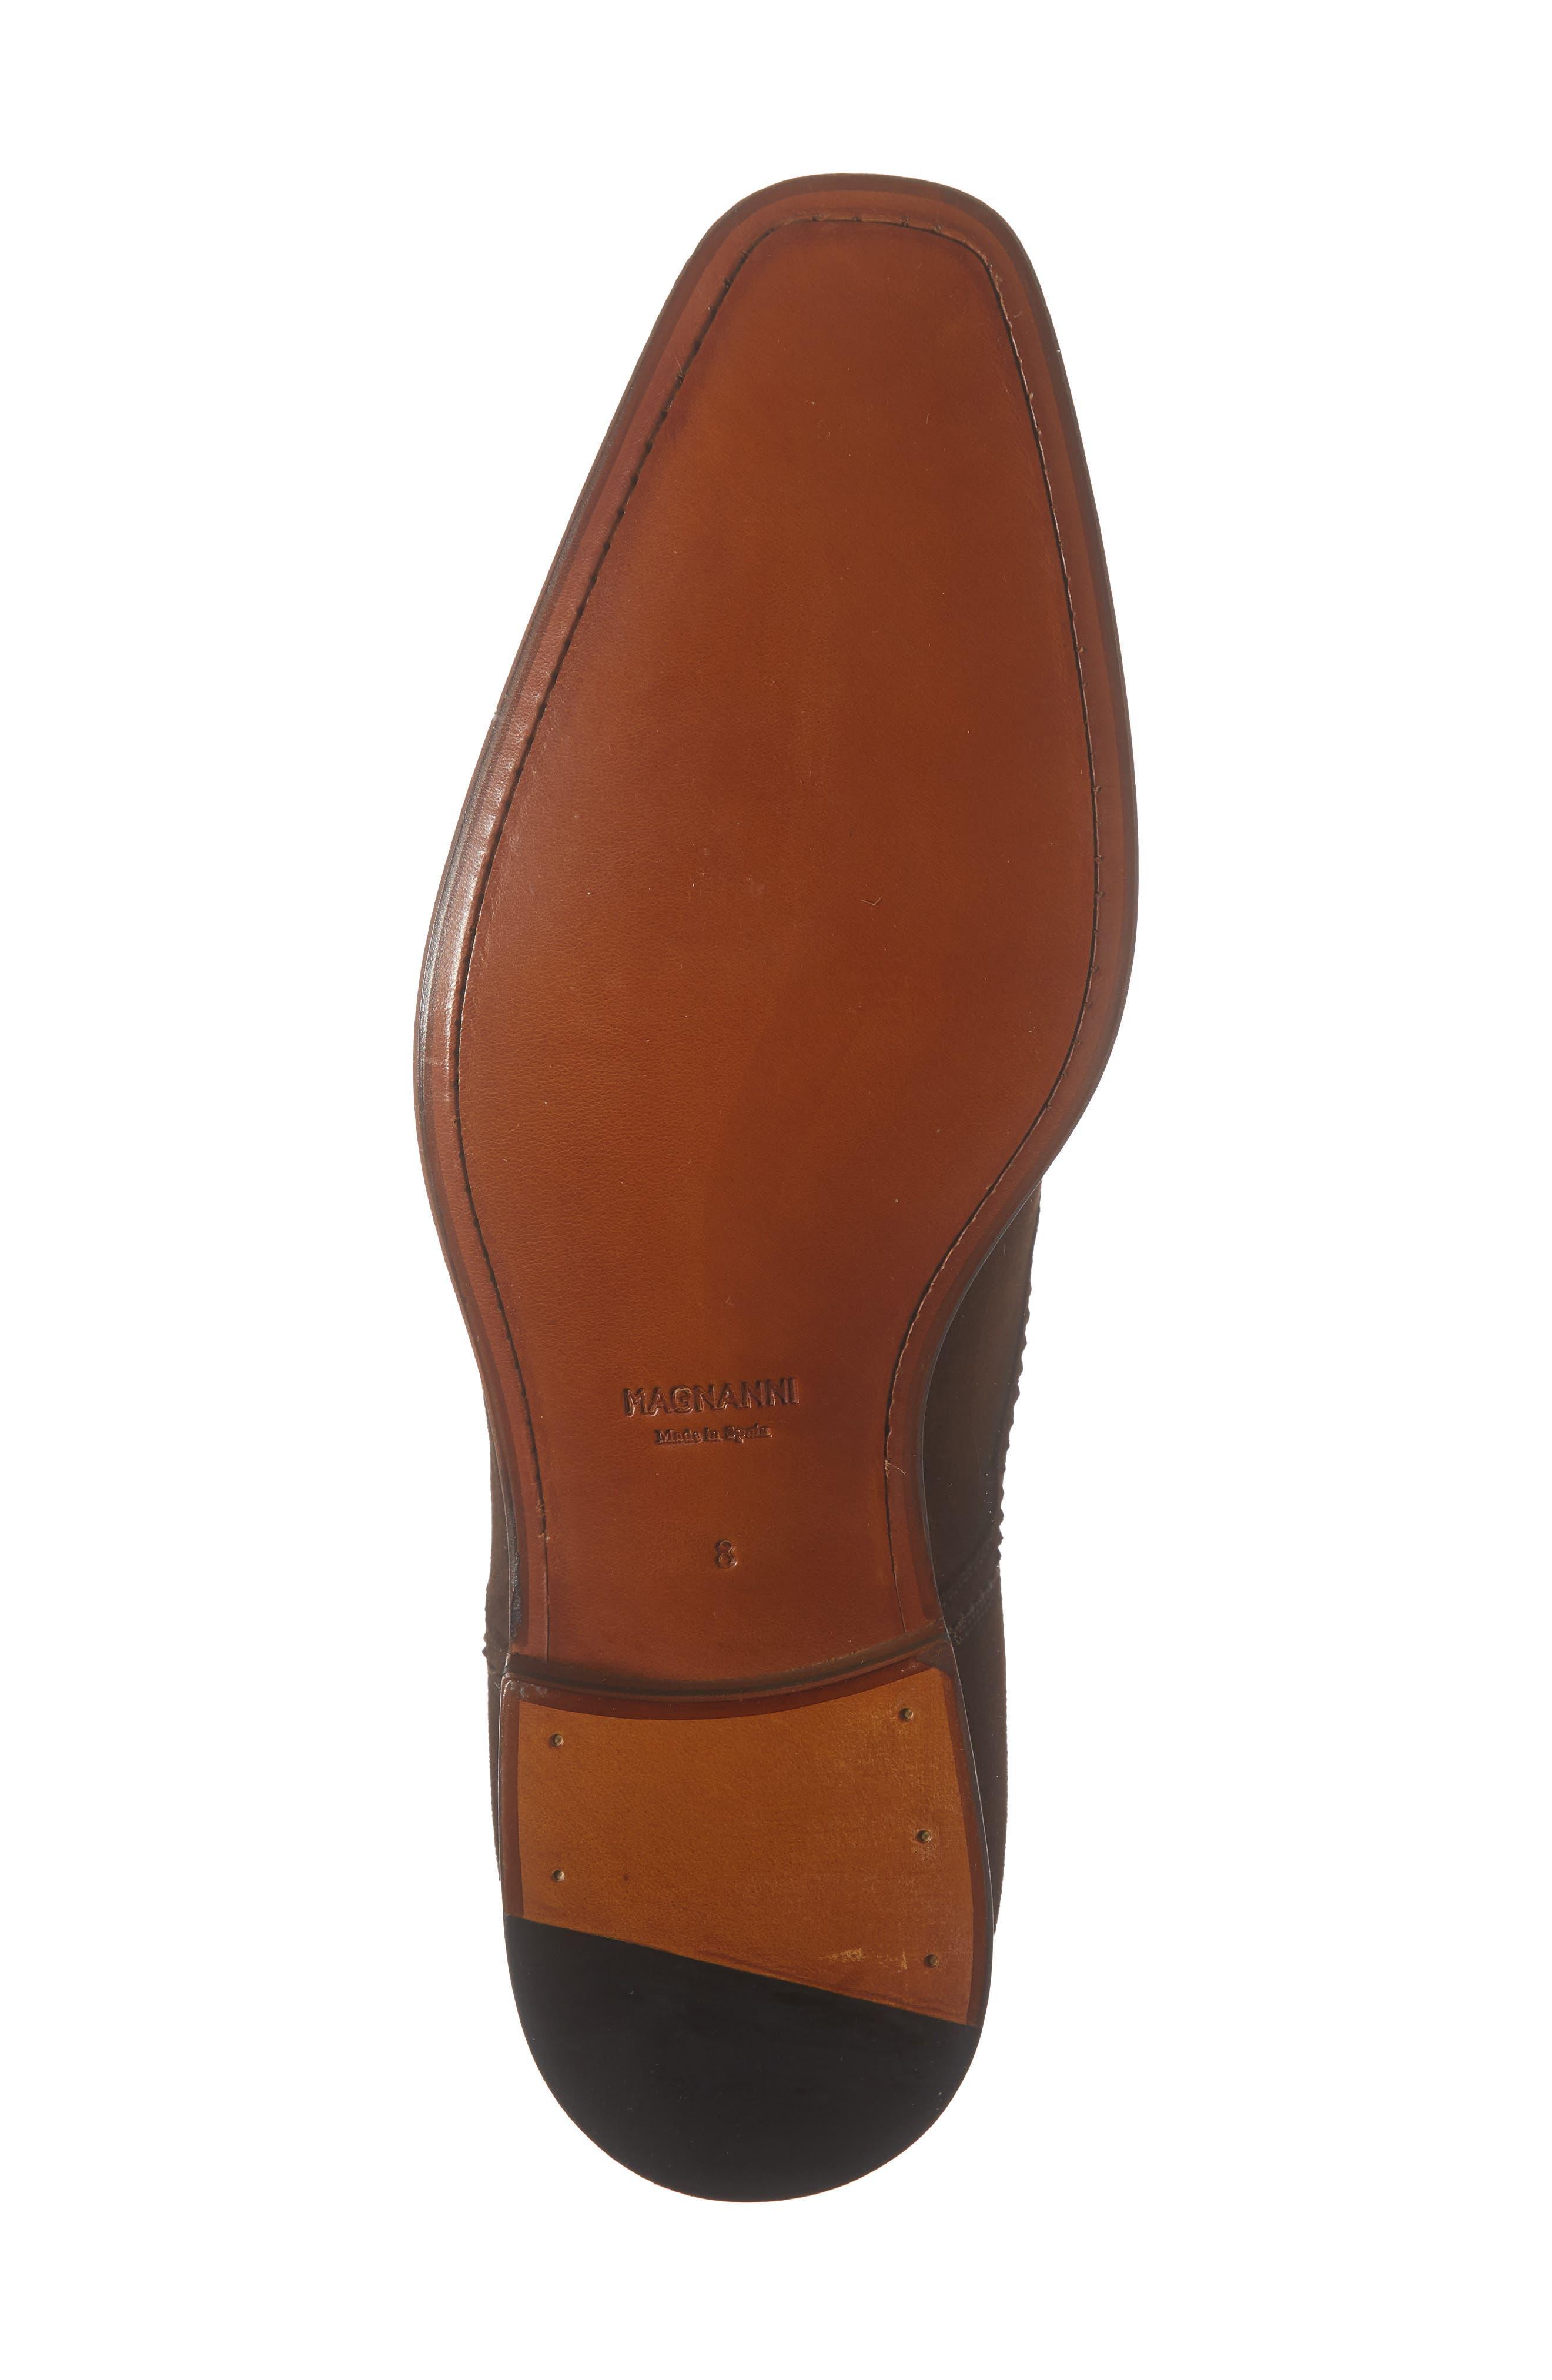 MAGNANNI, Landon Double Strap Monk Shoe, Alternate thumbnail 6, color, MID BROWN